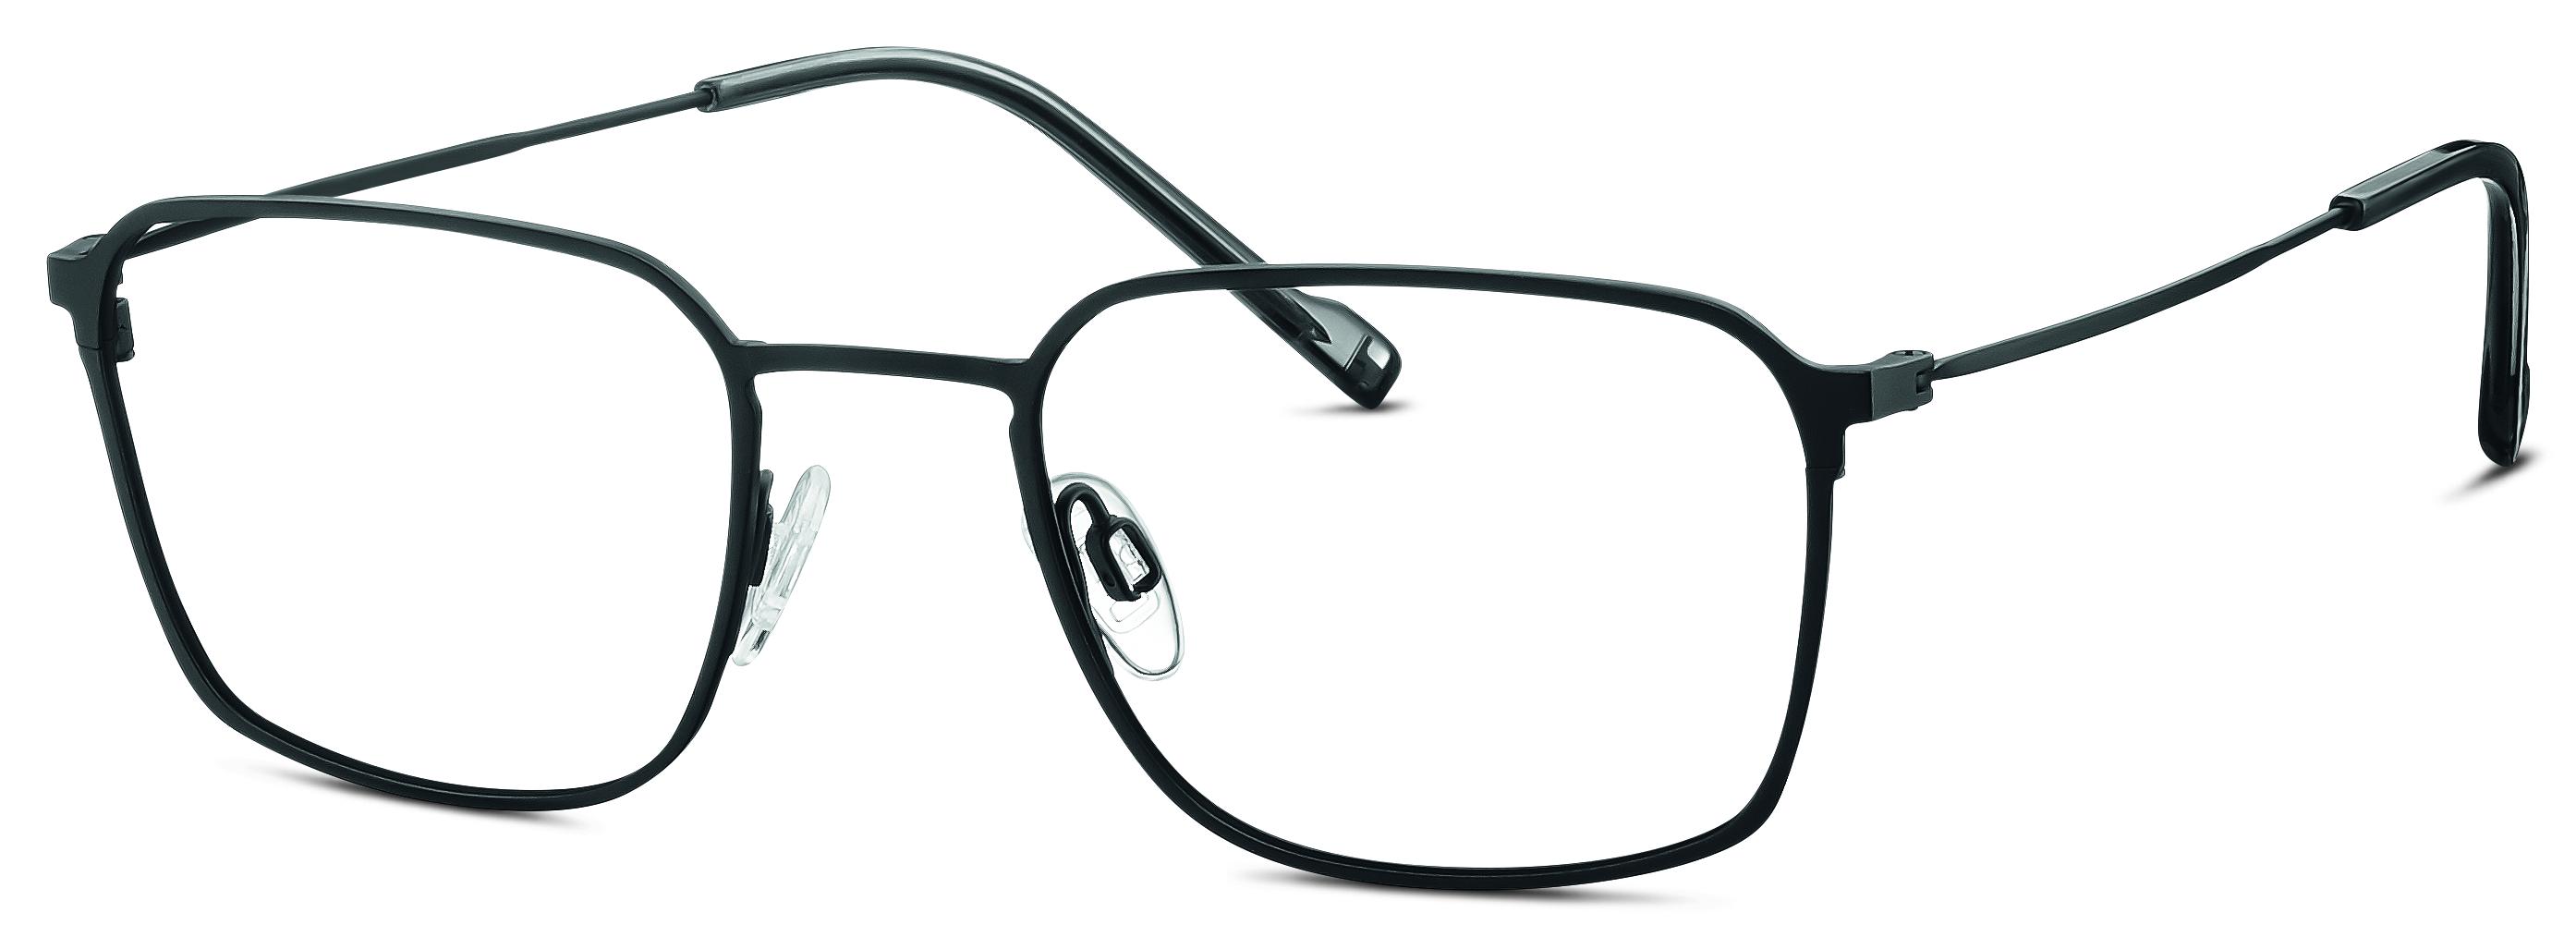 TITANflex Brille 820839 10